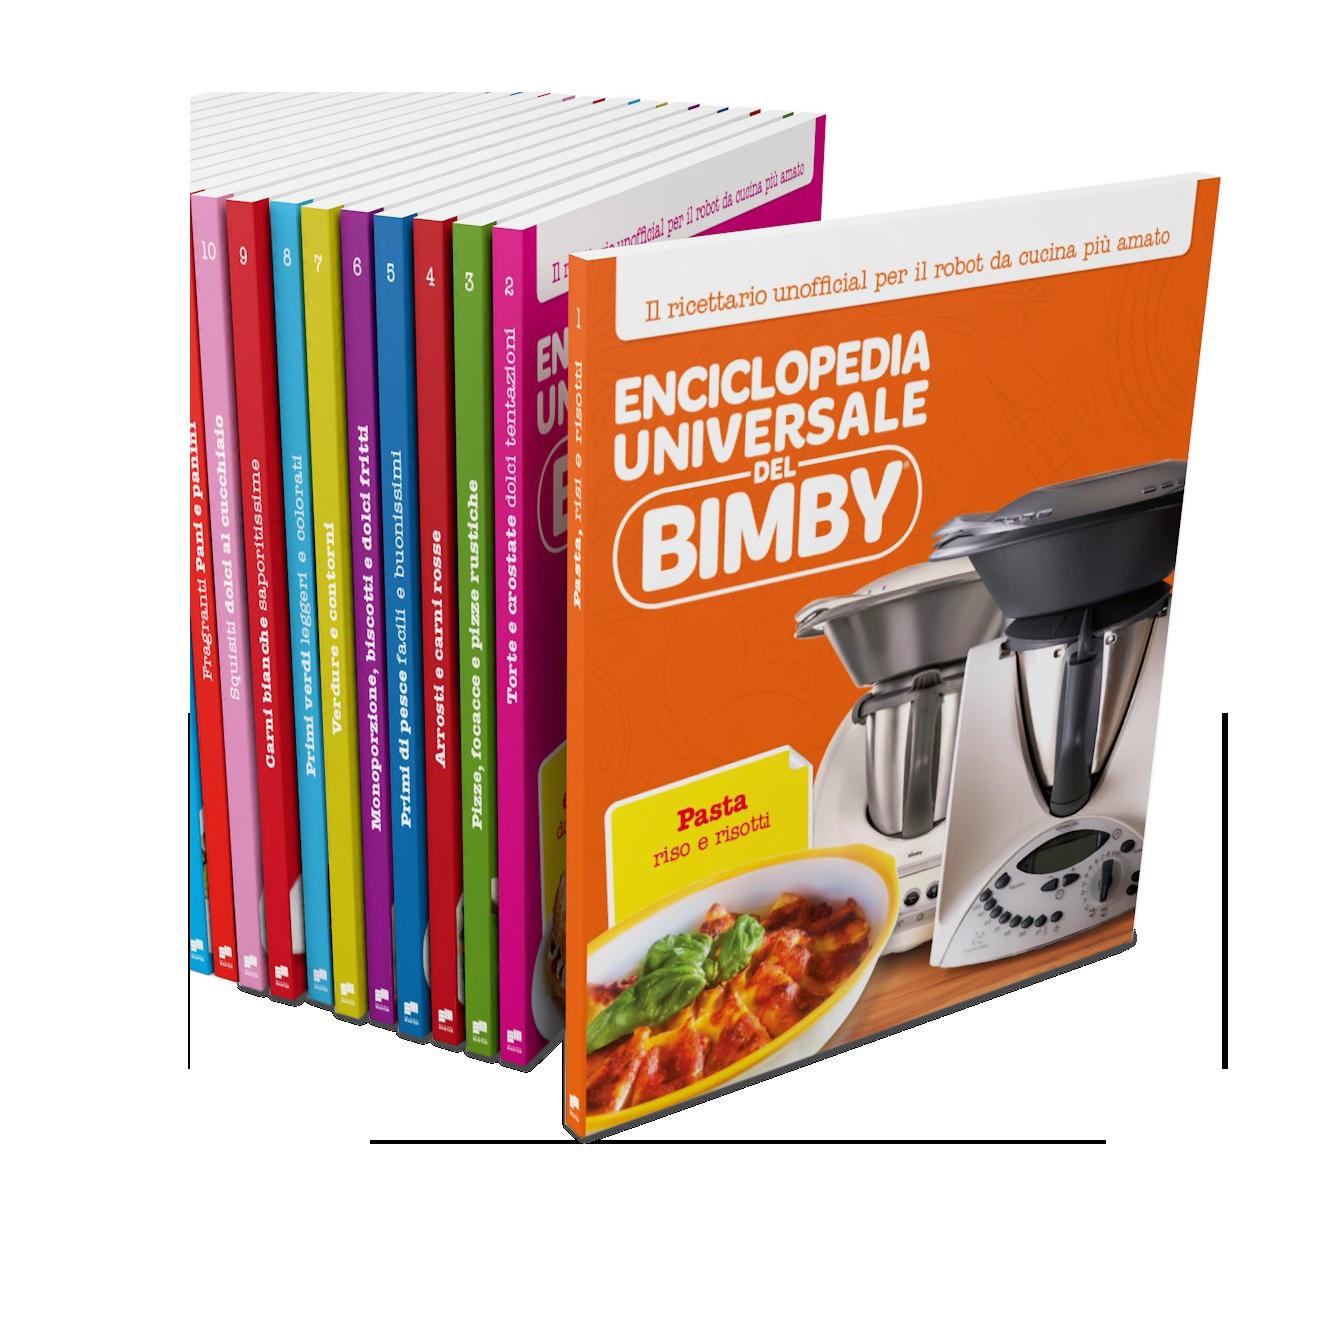 Enciclopedia Universale del Bimby® (volumi 1-10)